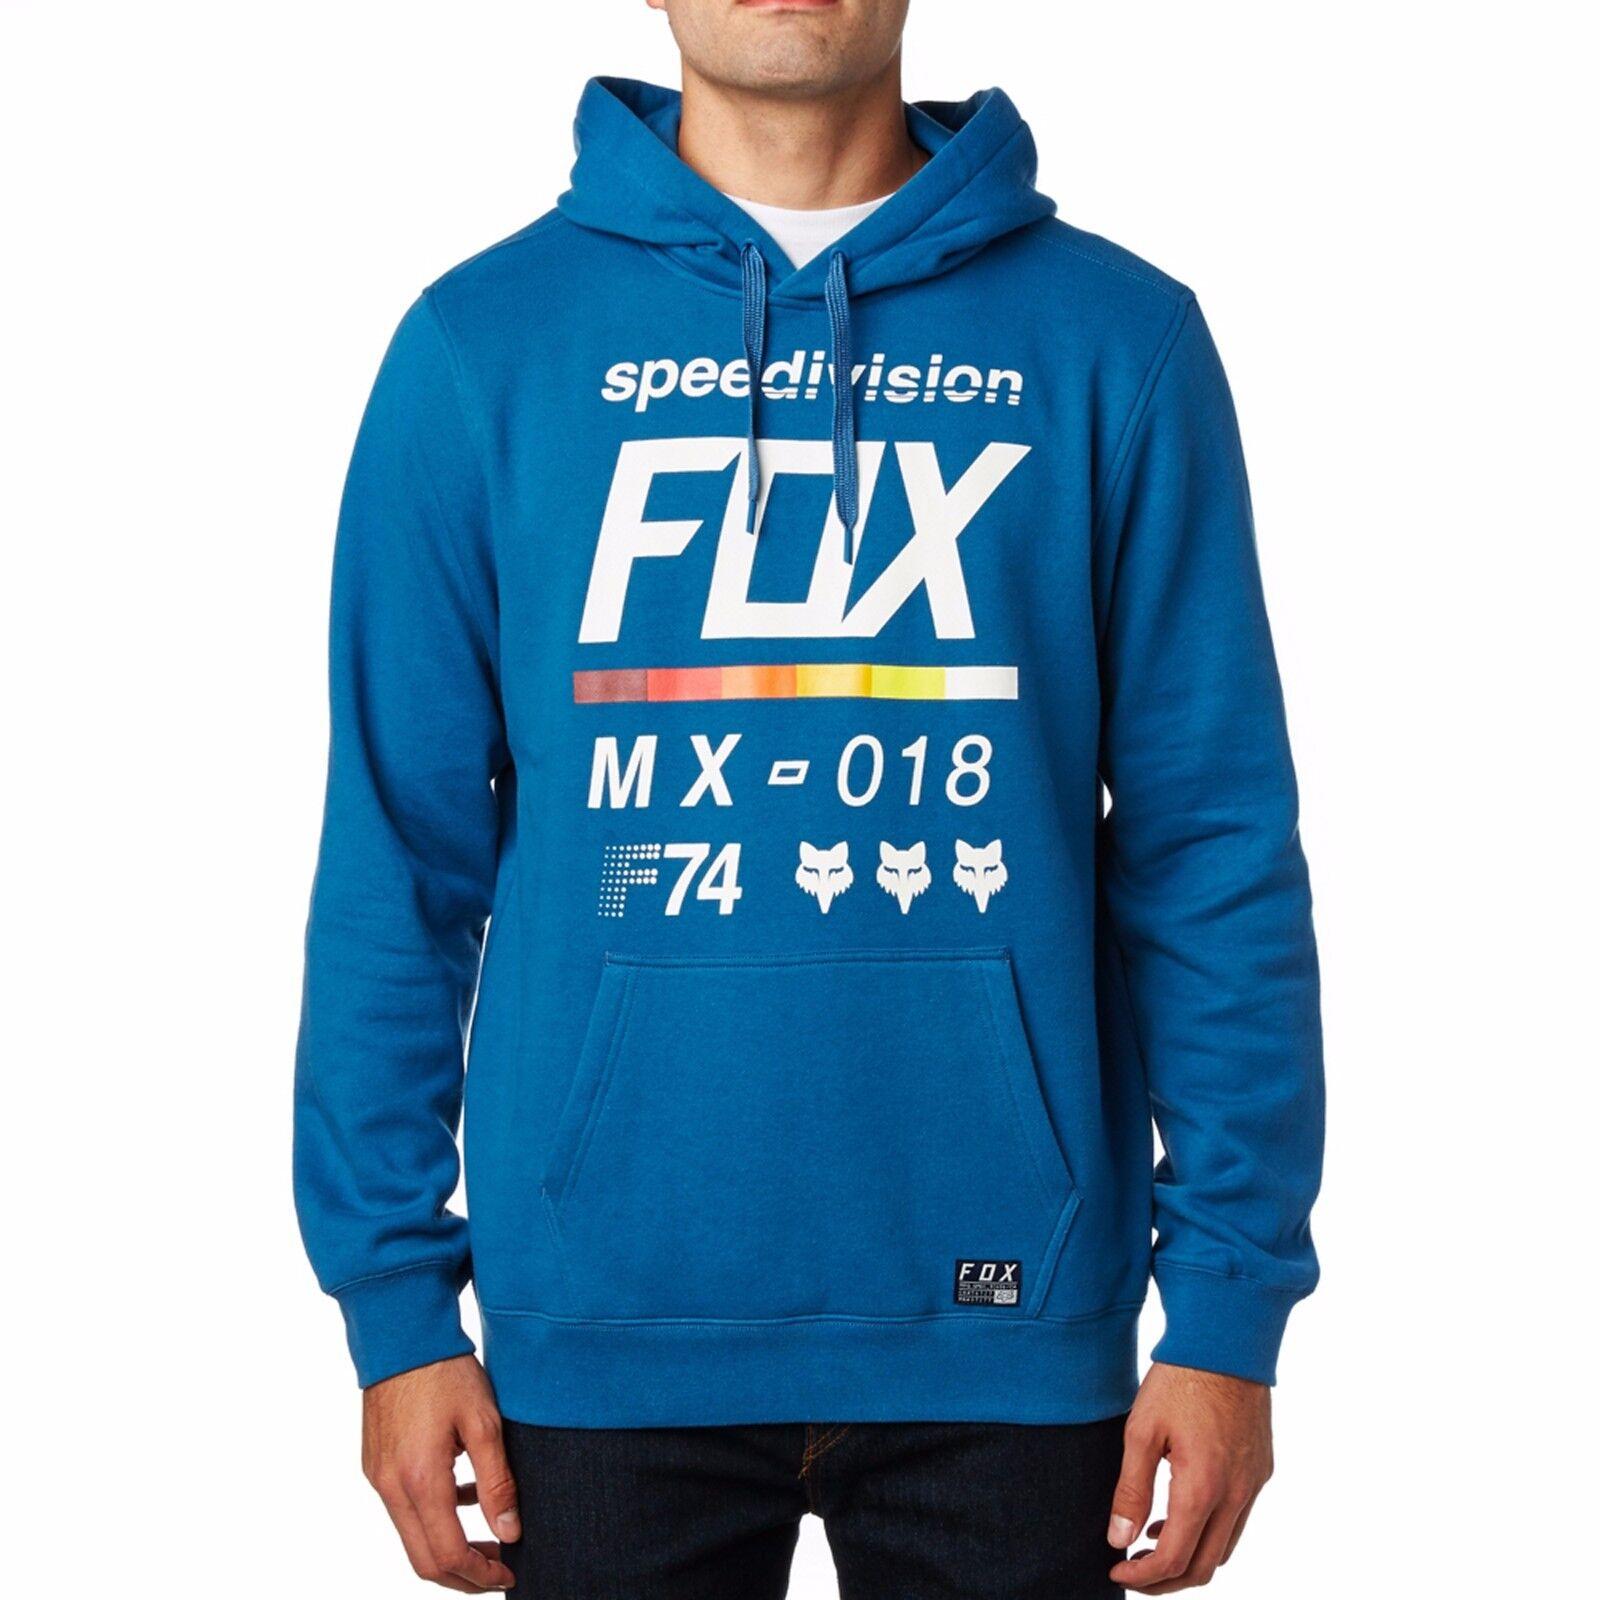 Fox Racing District 2 Pullover Fleece  Herren Hoody Hoodie Blau 19691-157 DST BLU